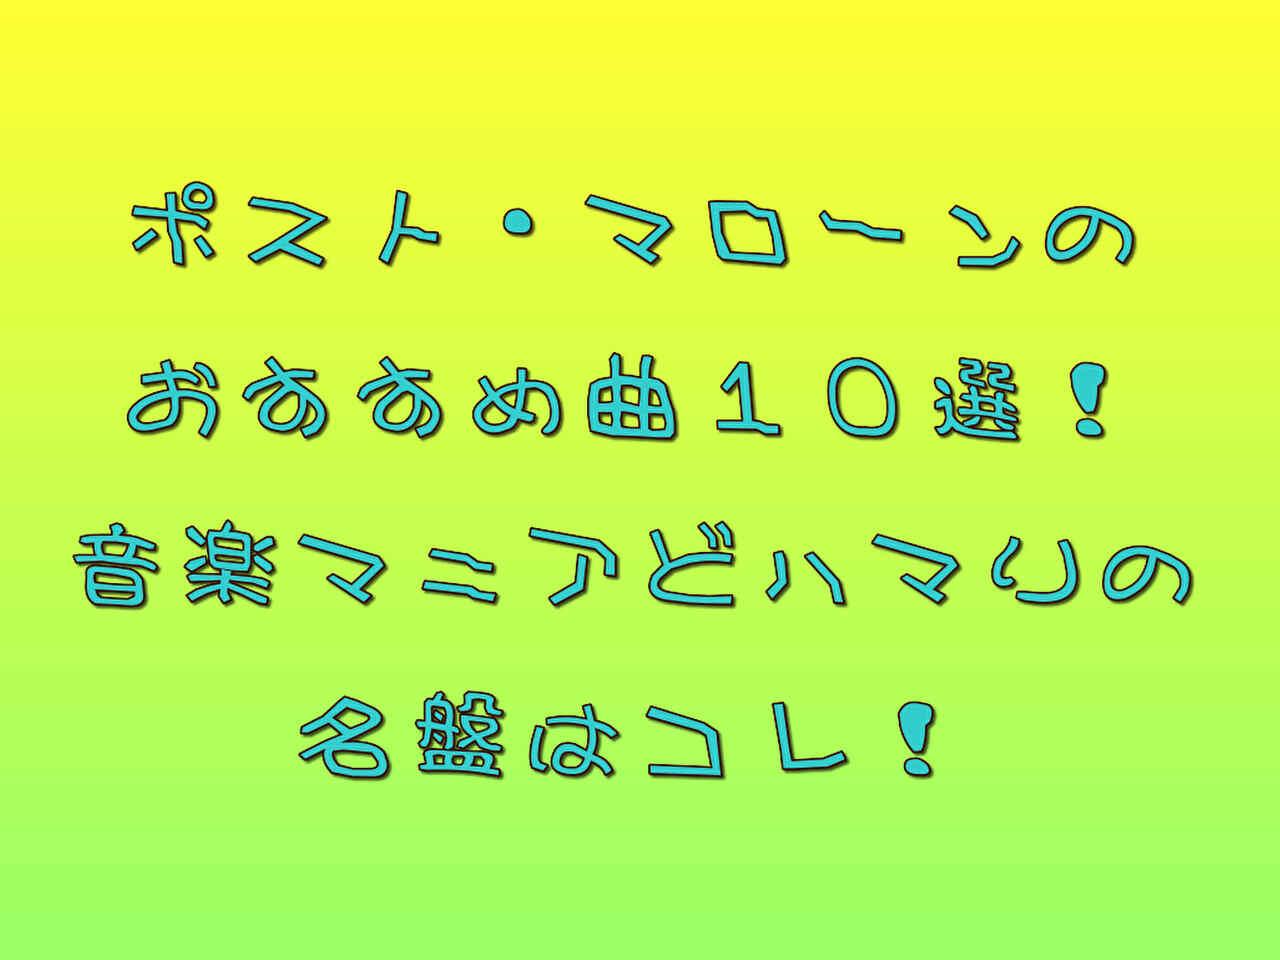 ポスト・マローンのおすすめ曲10選!音楽マニアどハマりの名盤はコレ!